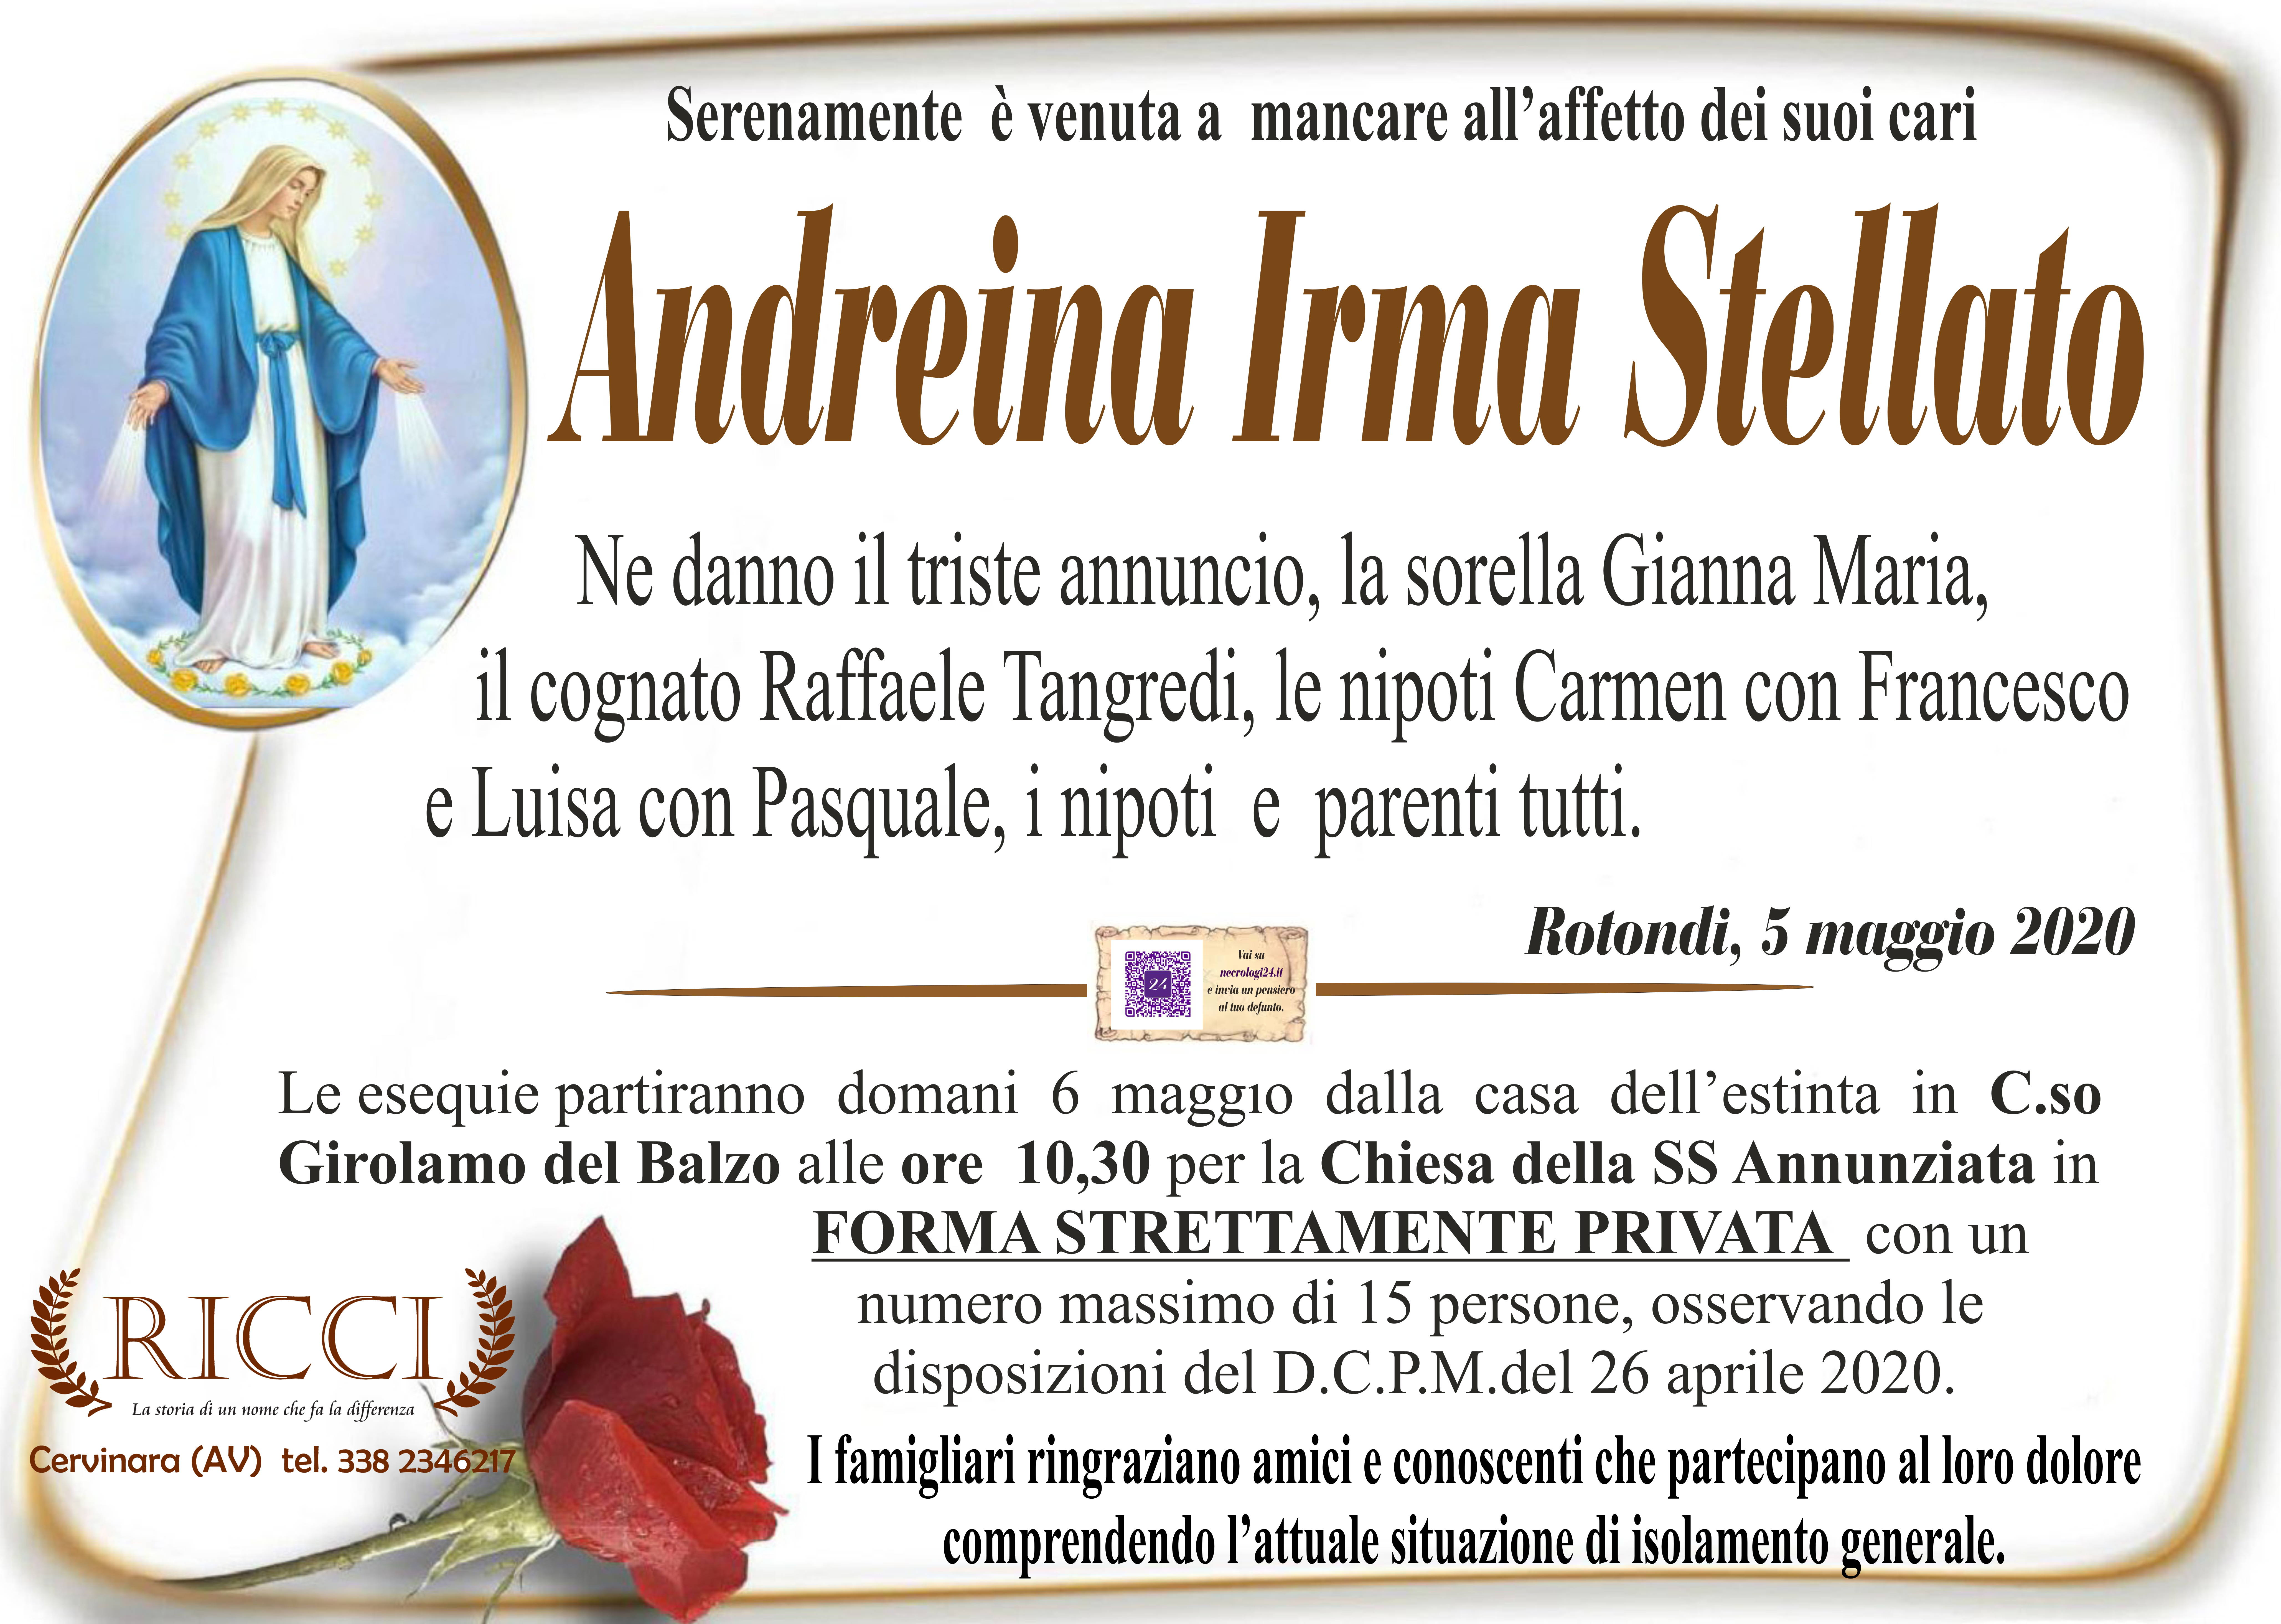 Andreina Irma Stellato